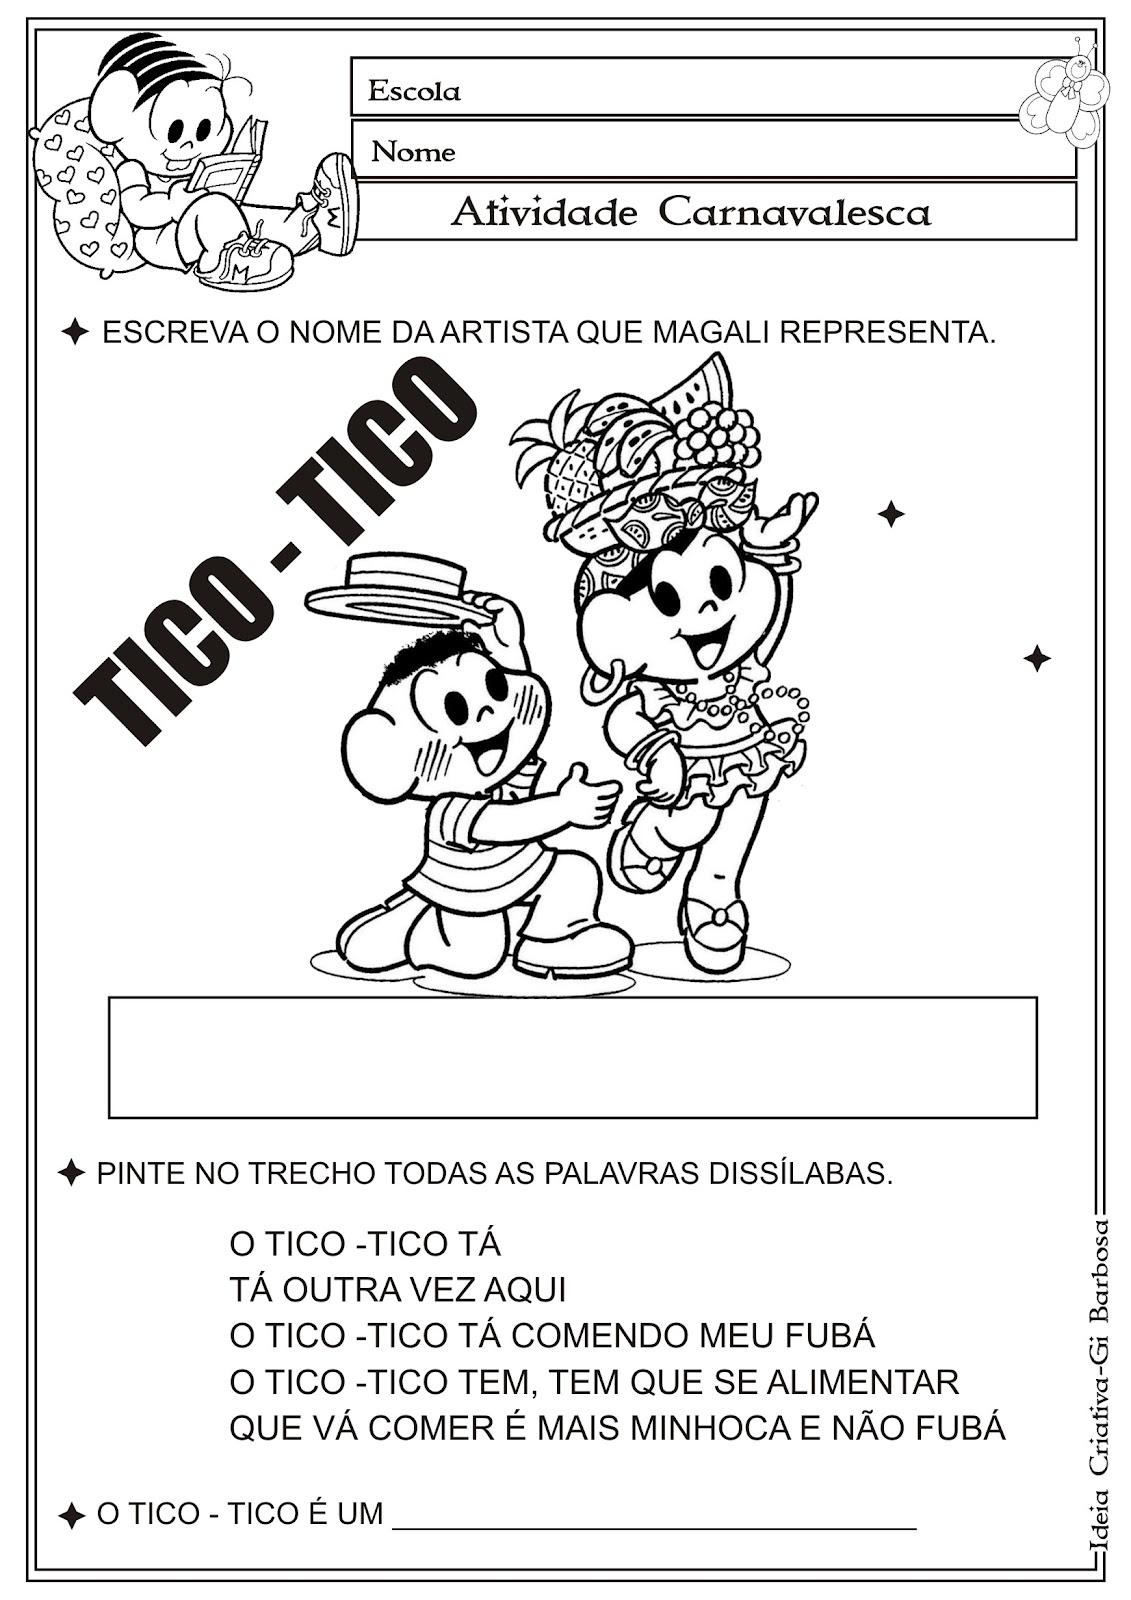 Atividade Carnavalesca / Carmen Miranda Tico- Tico no Fubá